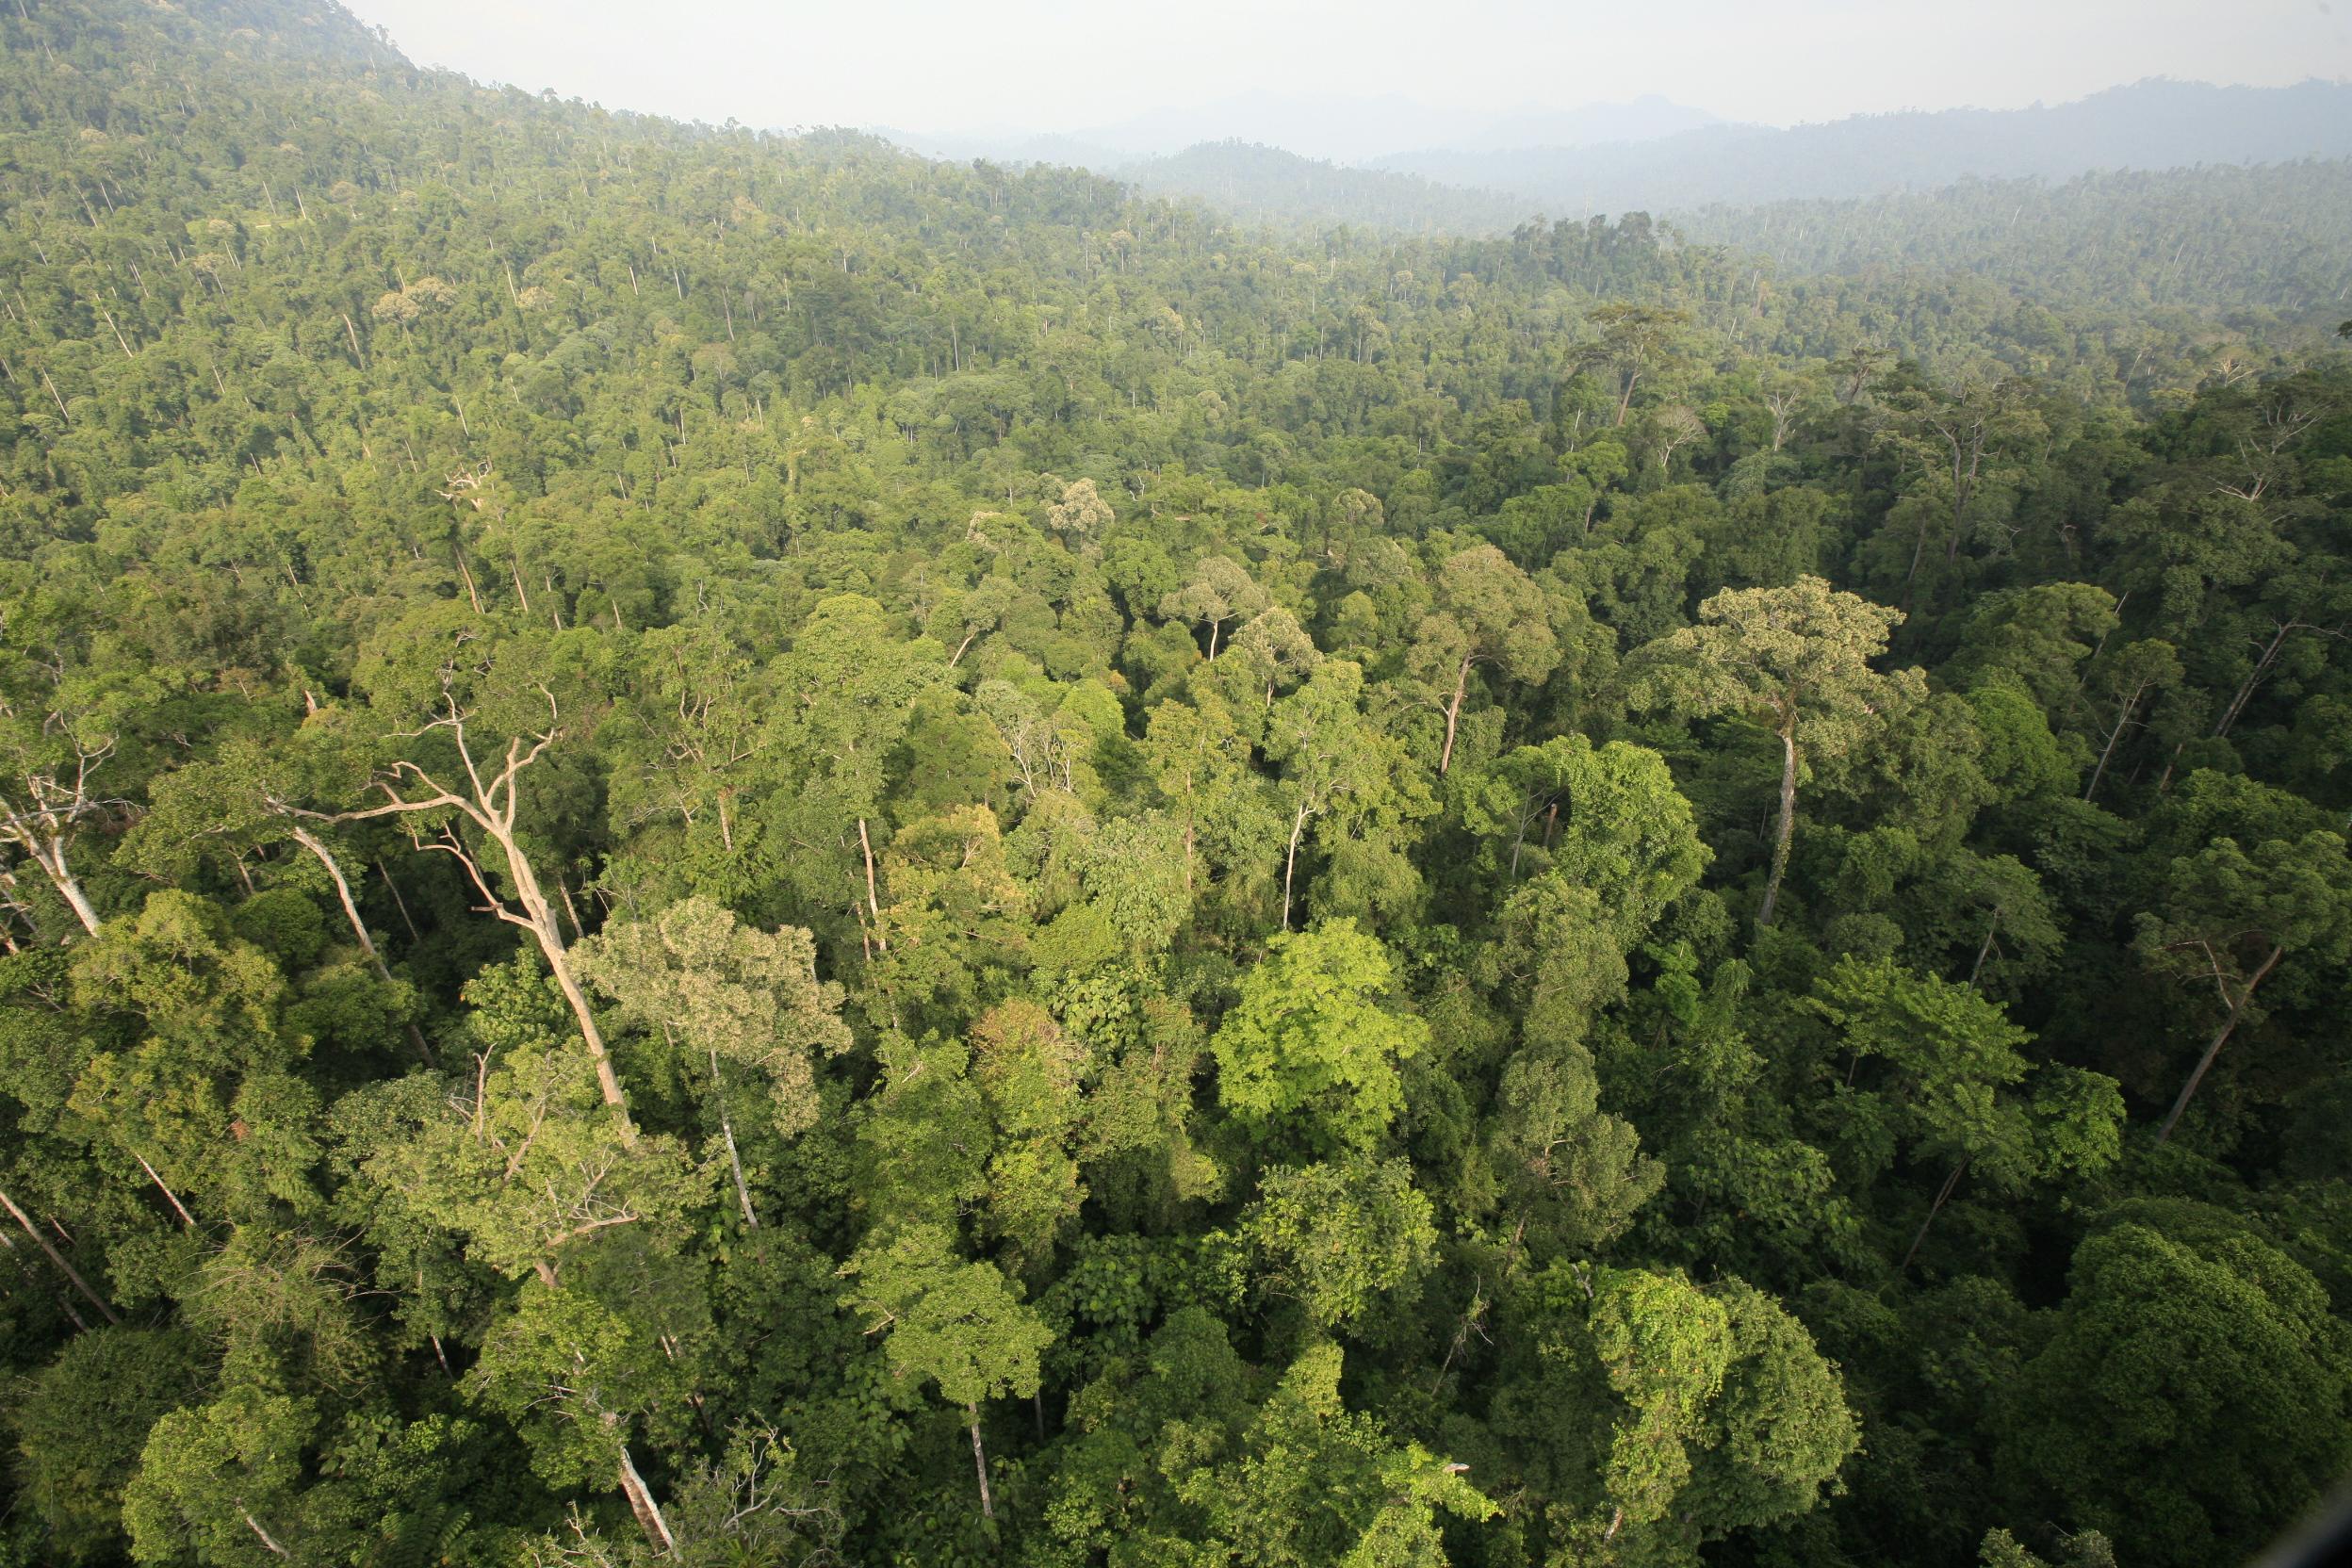 Malesiassa on maailman monimuotoisimpiin kuuluvia luontoalueita, joissa asuu muun muassa tapiireja, tiikereitä ja elefantteja. Monet näistä alueista ovat jatkuvasti uhattuna kaupunkikehityksen ja maatalouden kasvun vuoksi. Kuva: WWF-Malaysia / David James